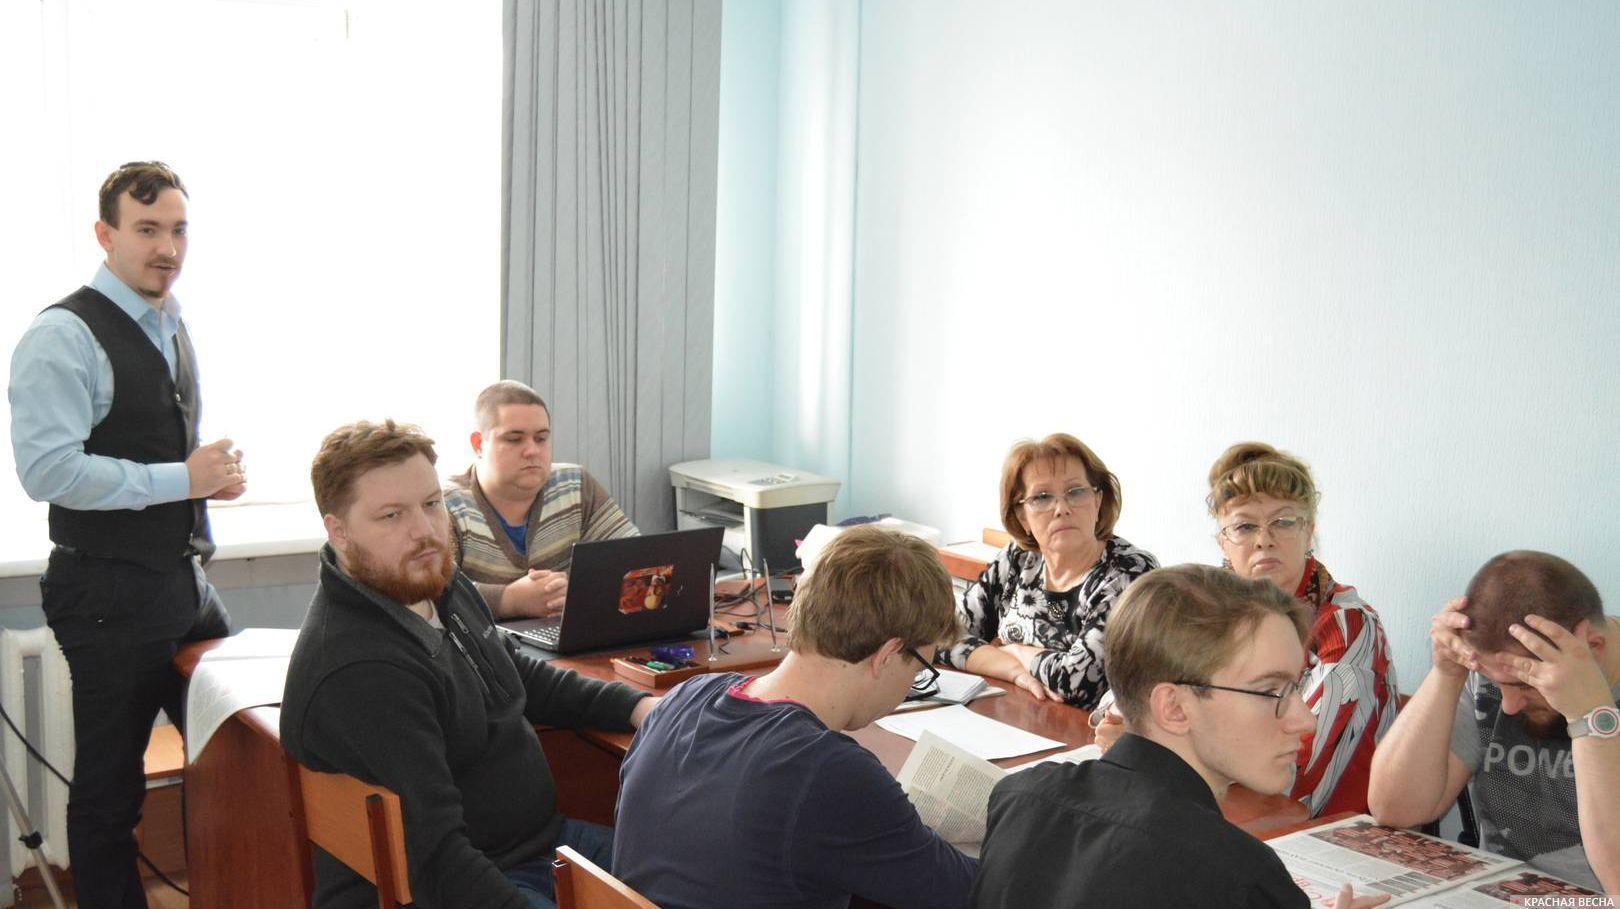 Встреча рабочей группы против пенсионной реформы. Кемерово